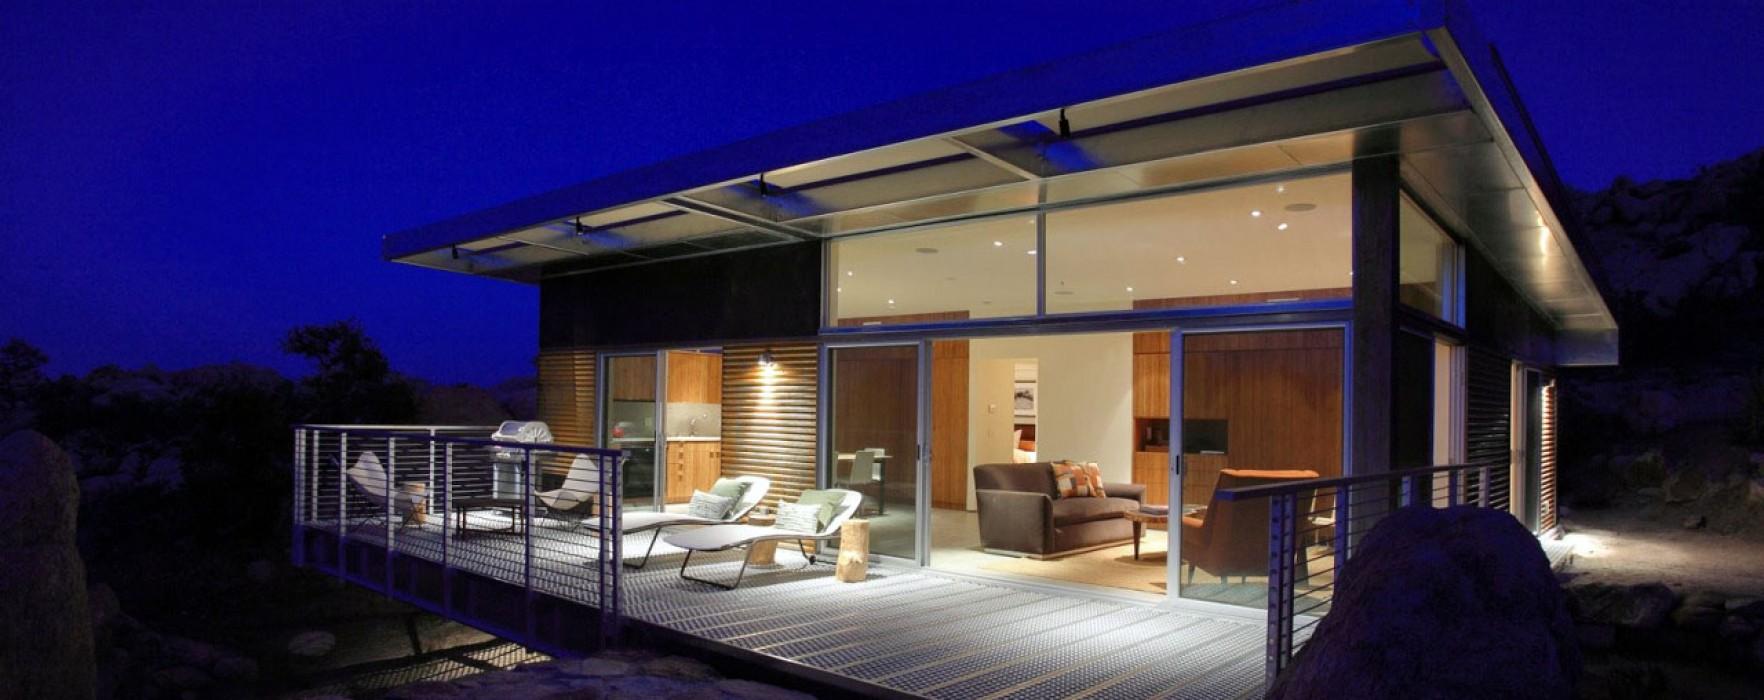 Ancora case in legno e riscaldamento a pavimento for Durata casa in legno